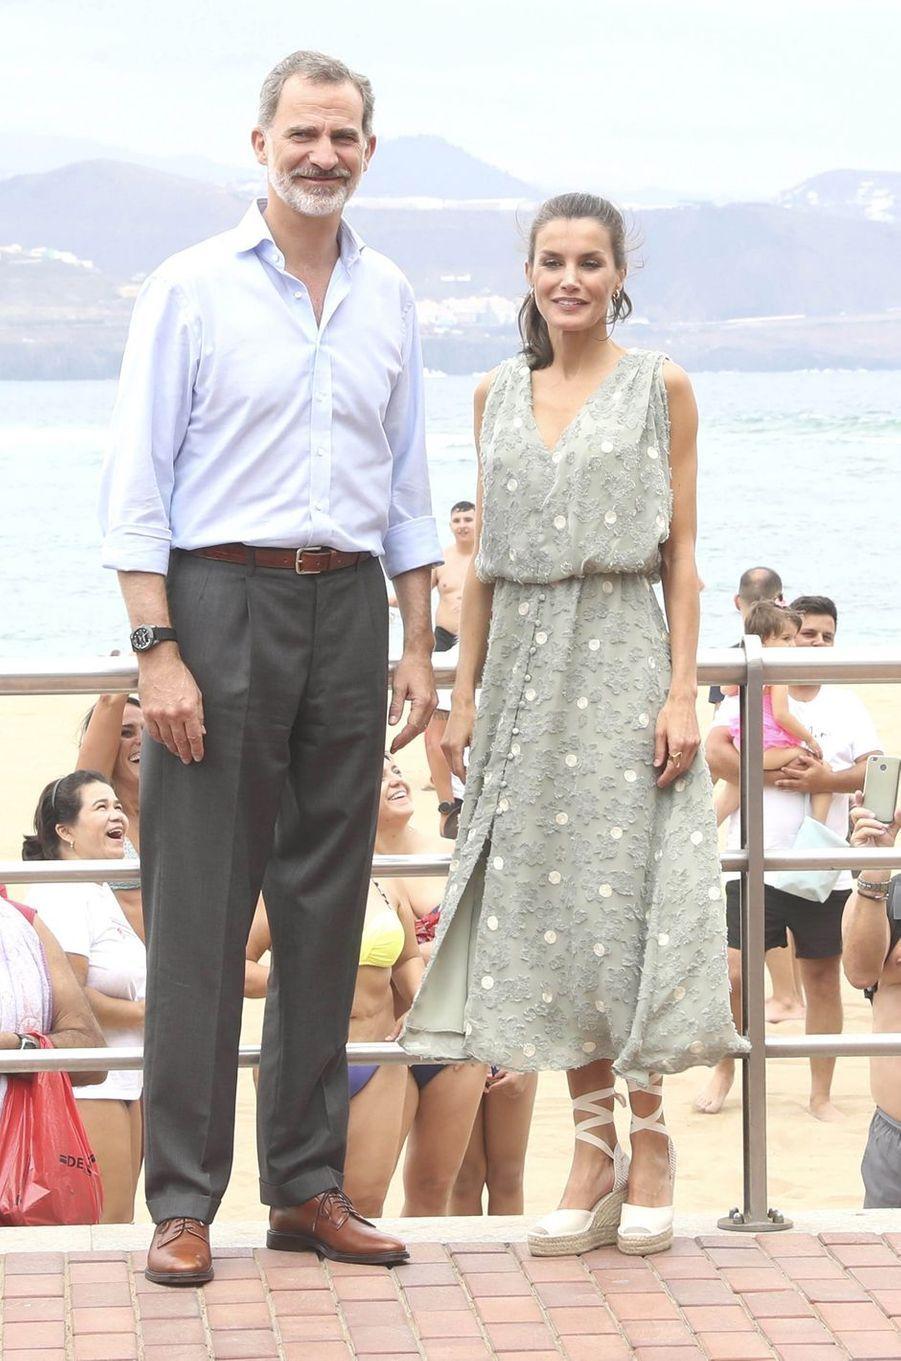 La reine Letizia d'Espagne aux Canaries, le 23 juin 2020